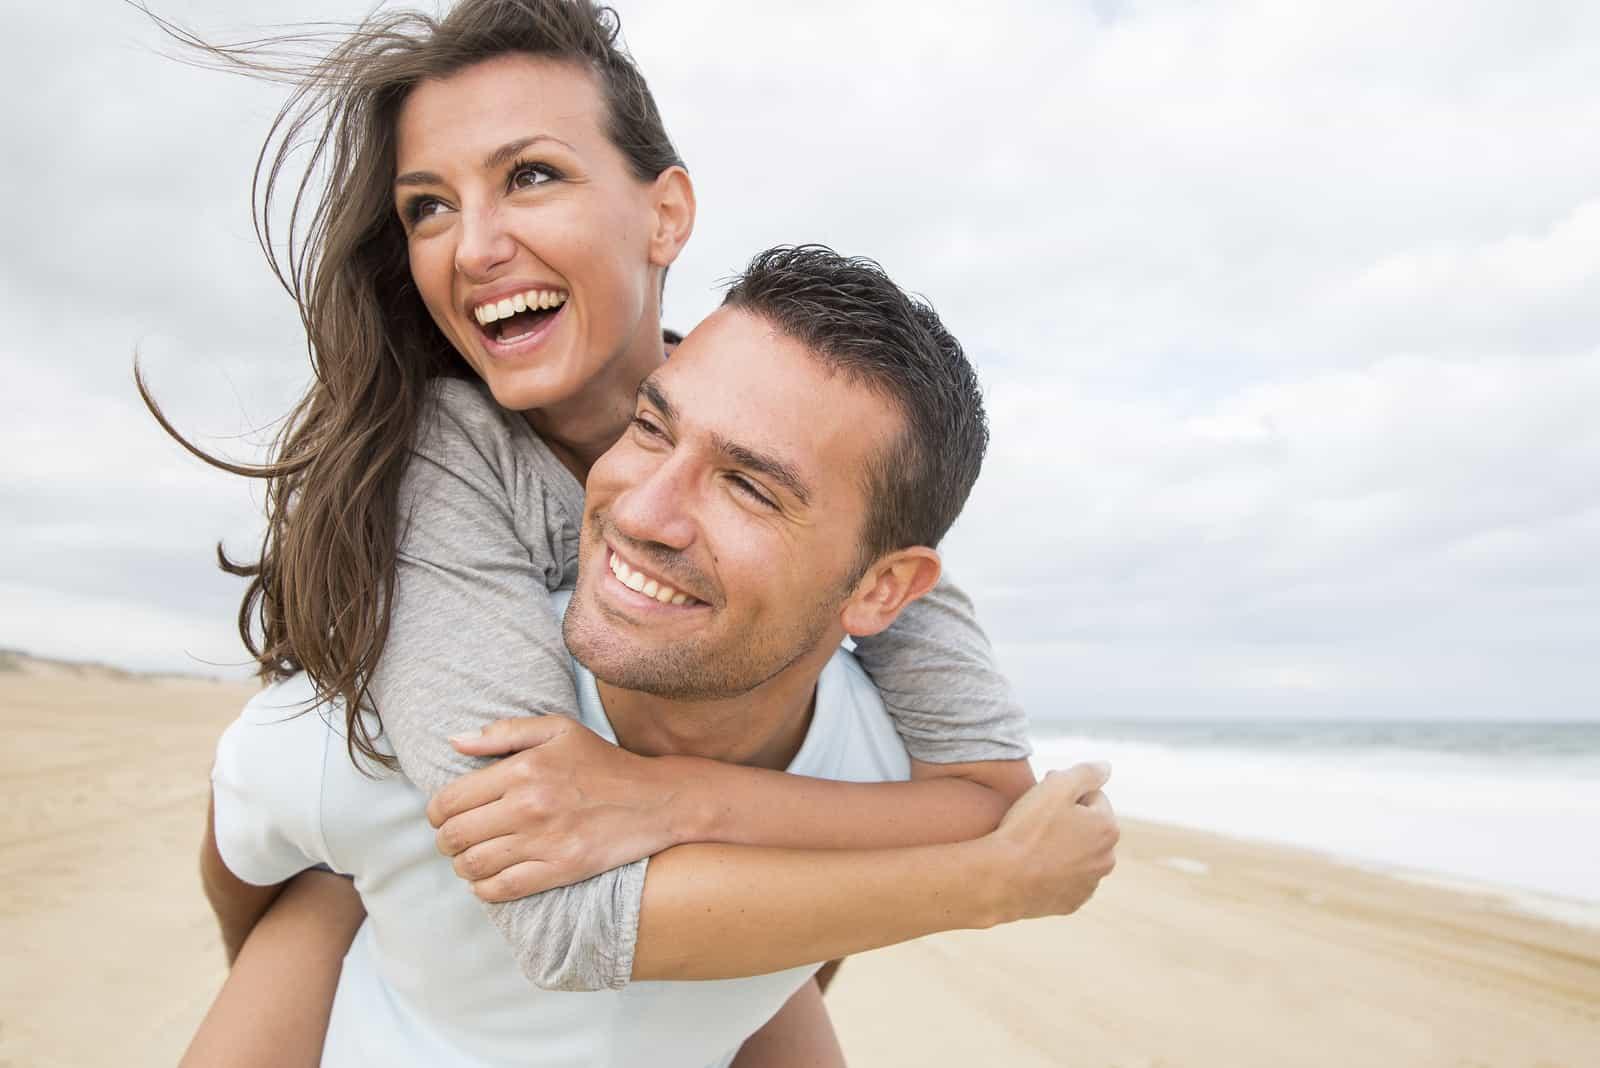 Ein glückliches Liebespaar hat Spaß am Strand